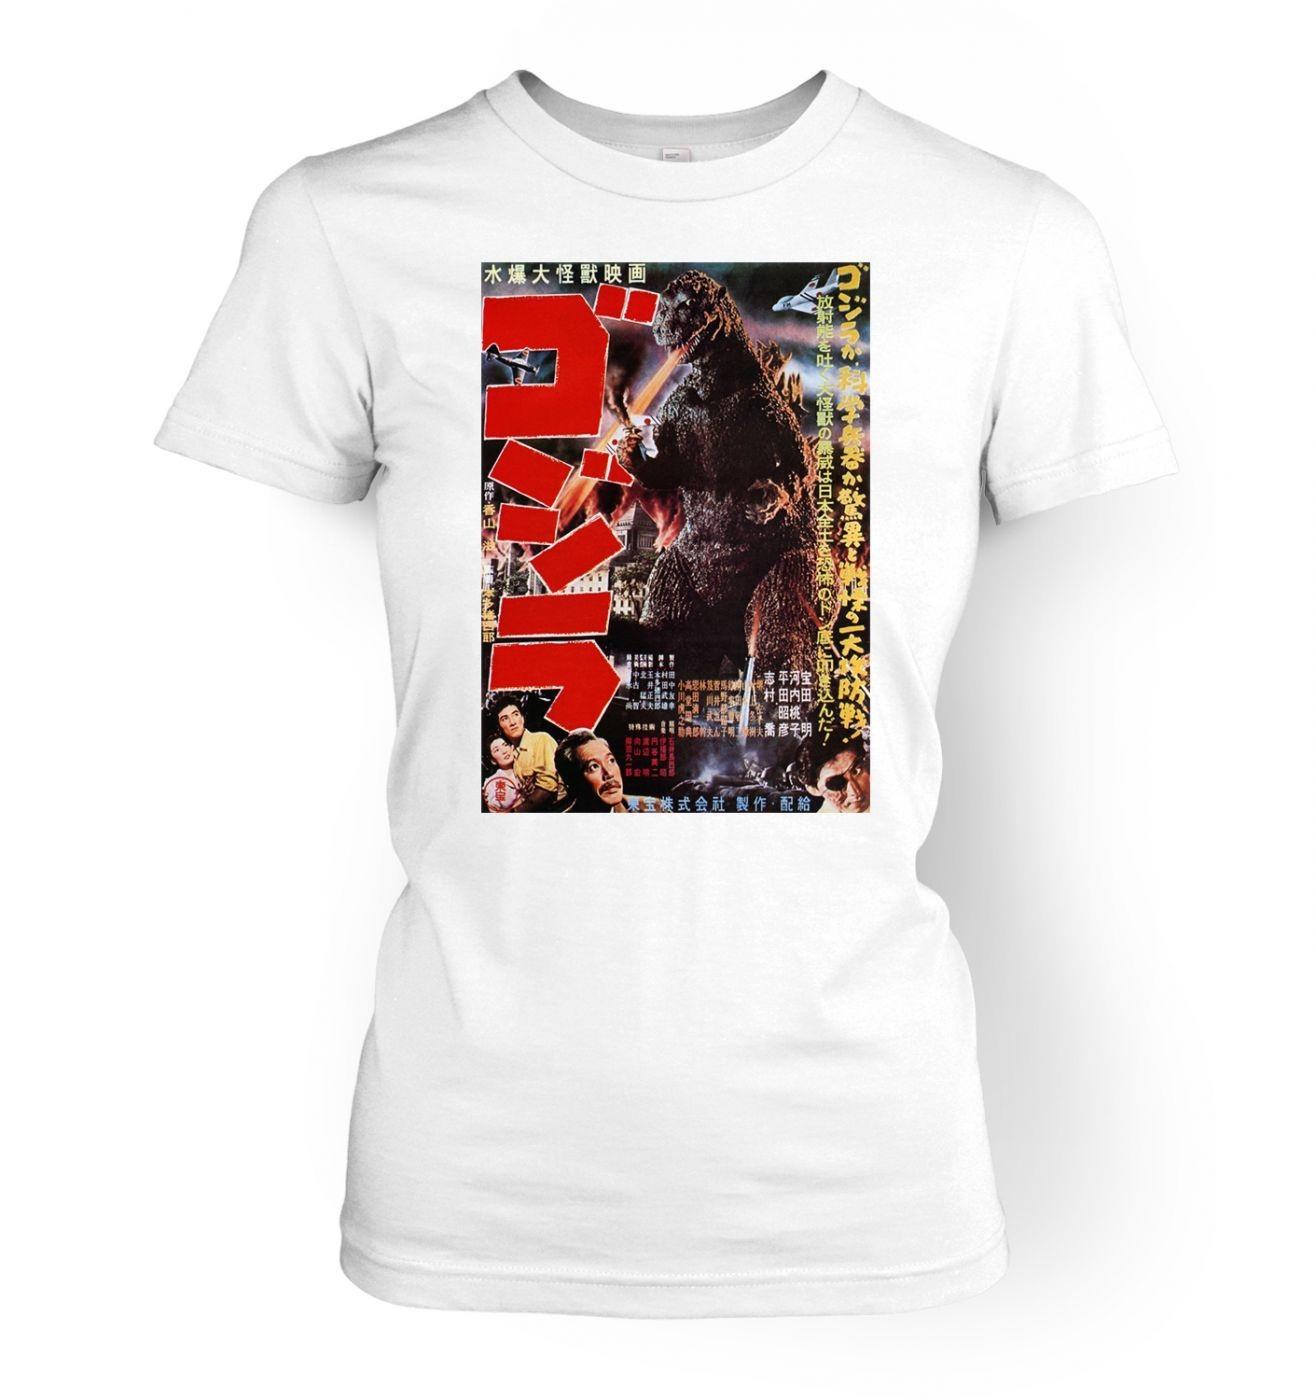 Godzilla Japanese women's fitted t-shirt